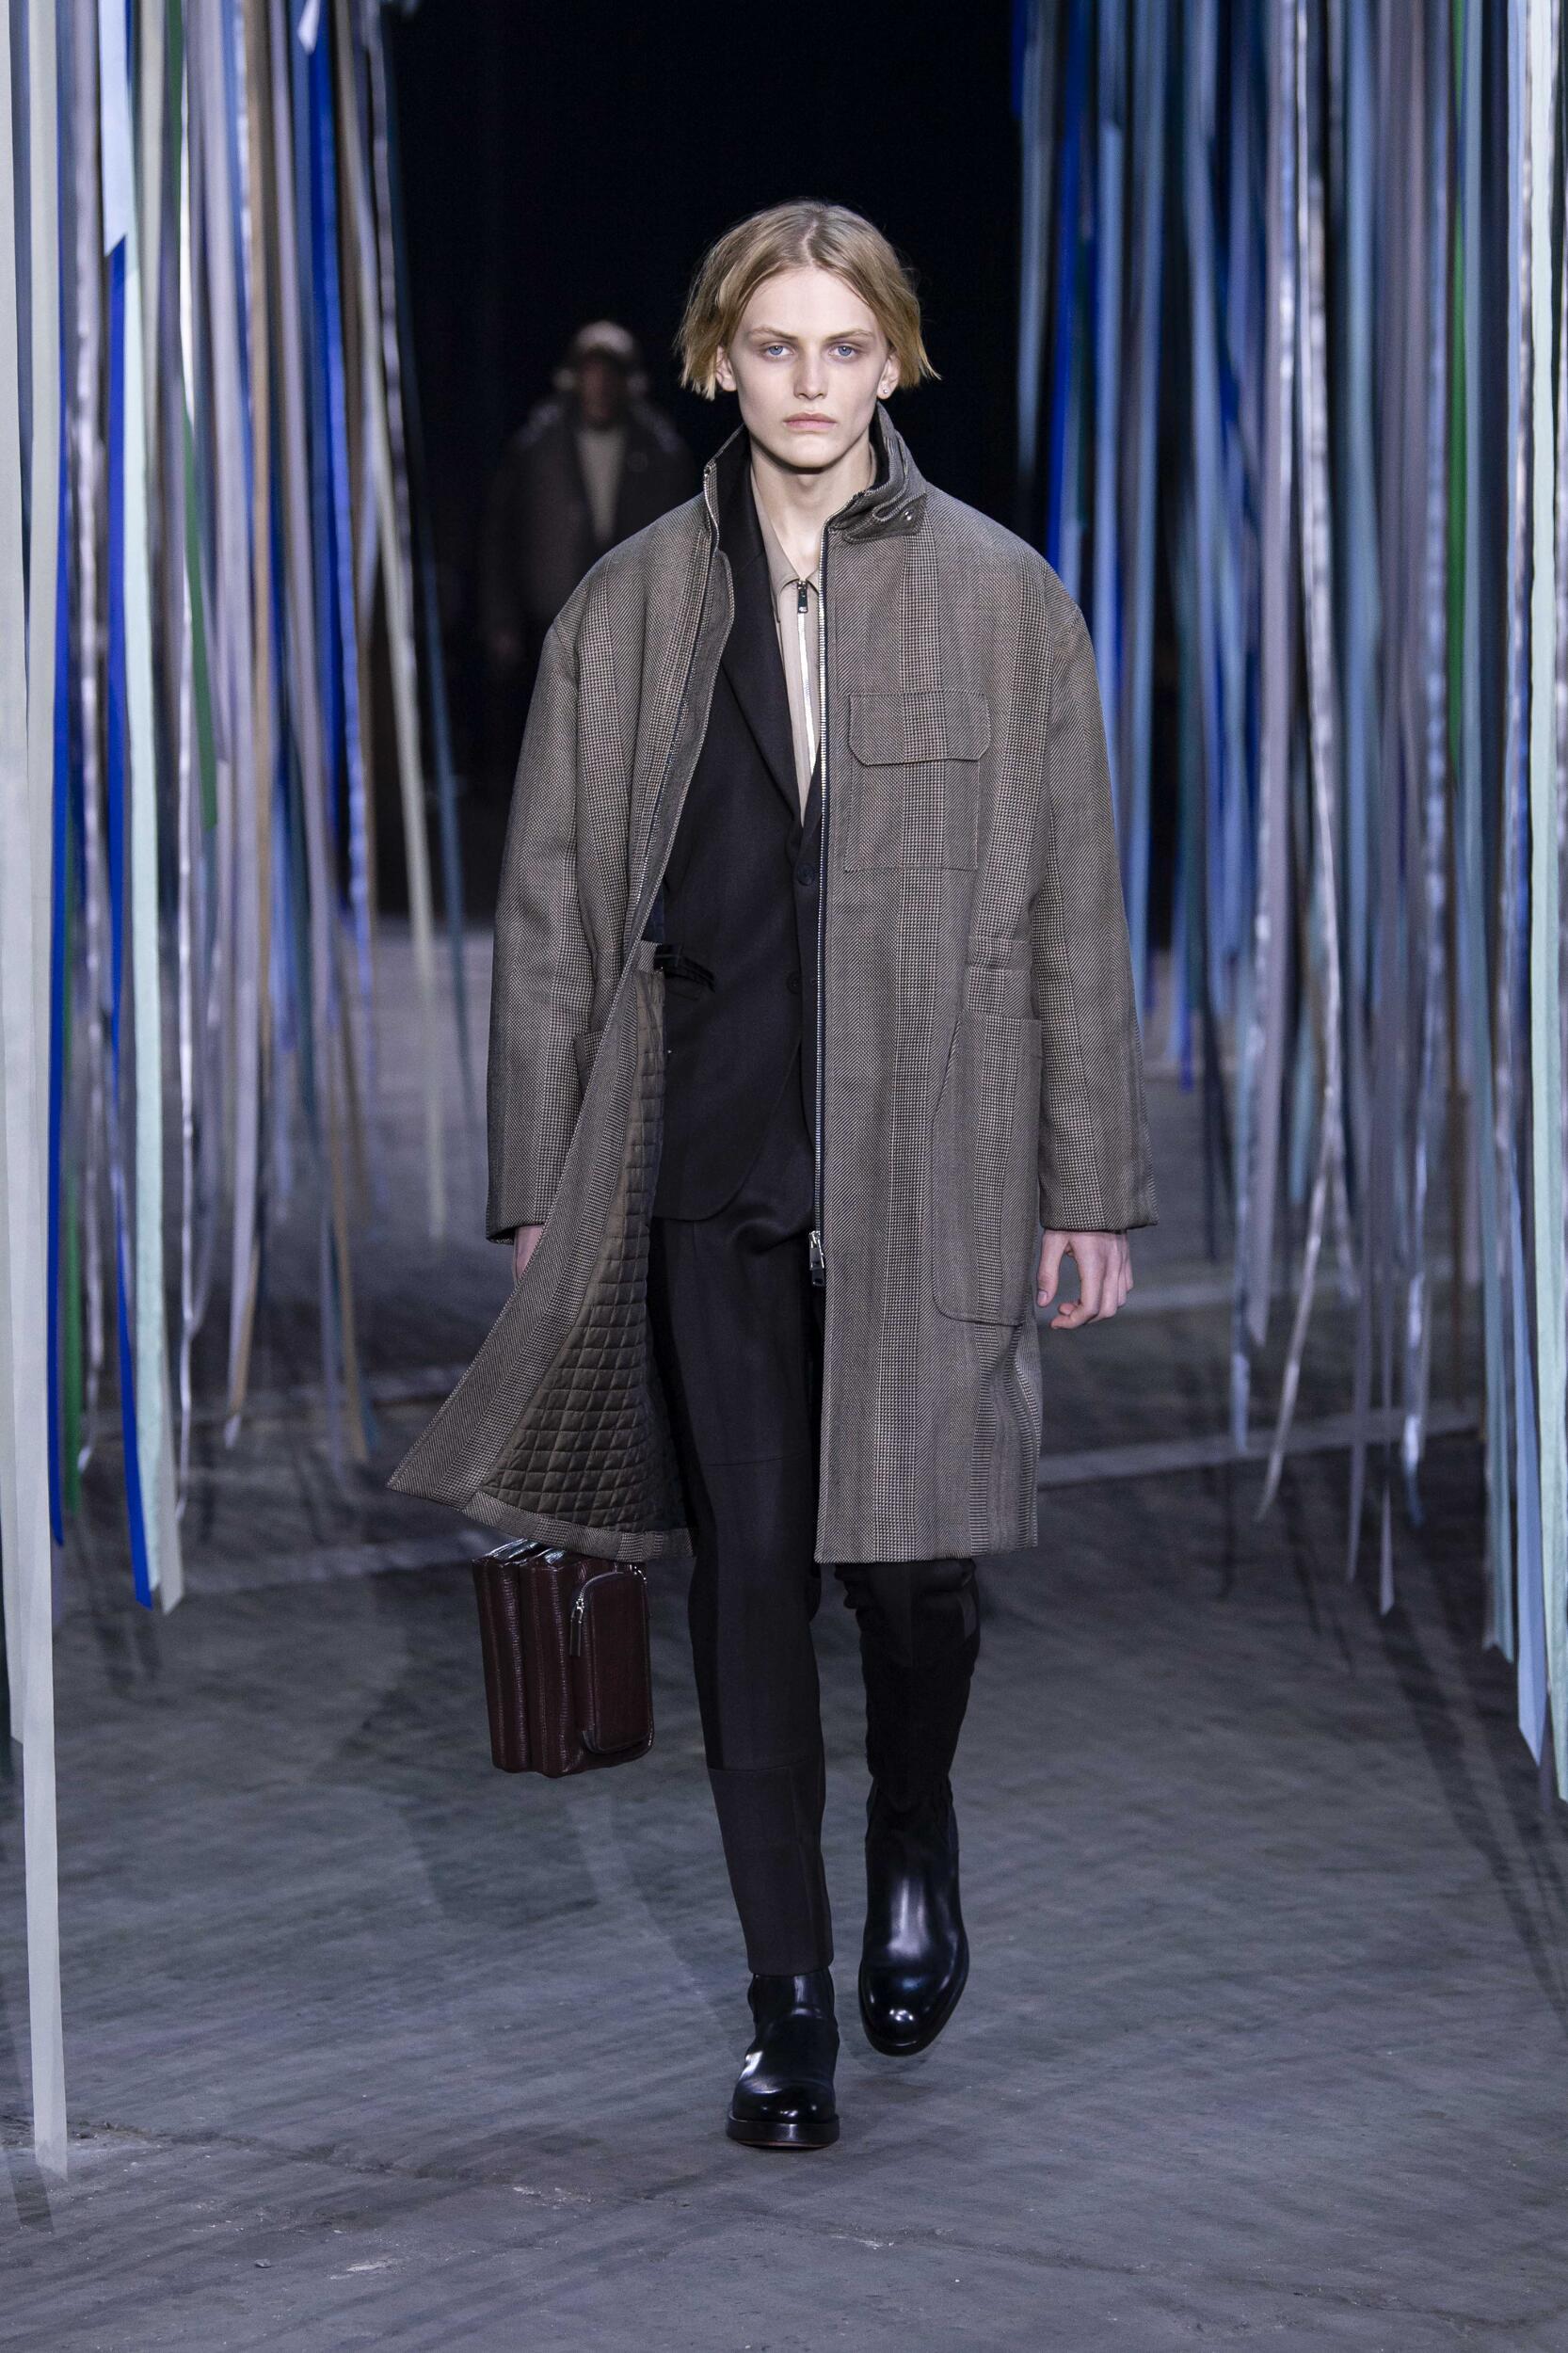 Fashion Show Man Model Ermenegildo Zegna XXX Catwalk